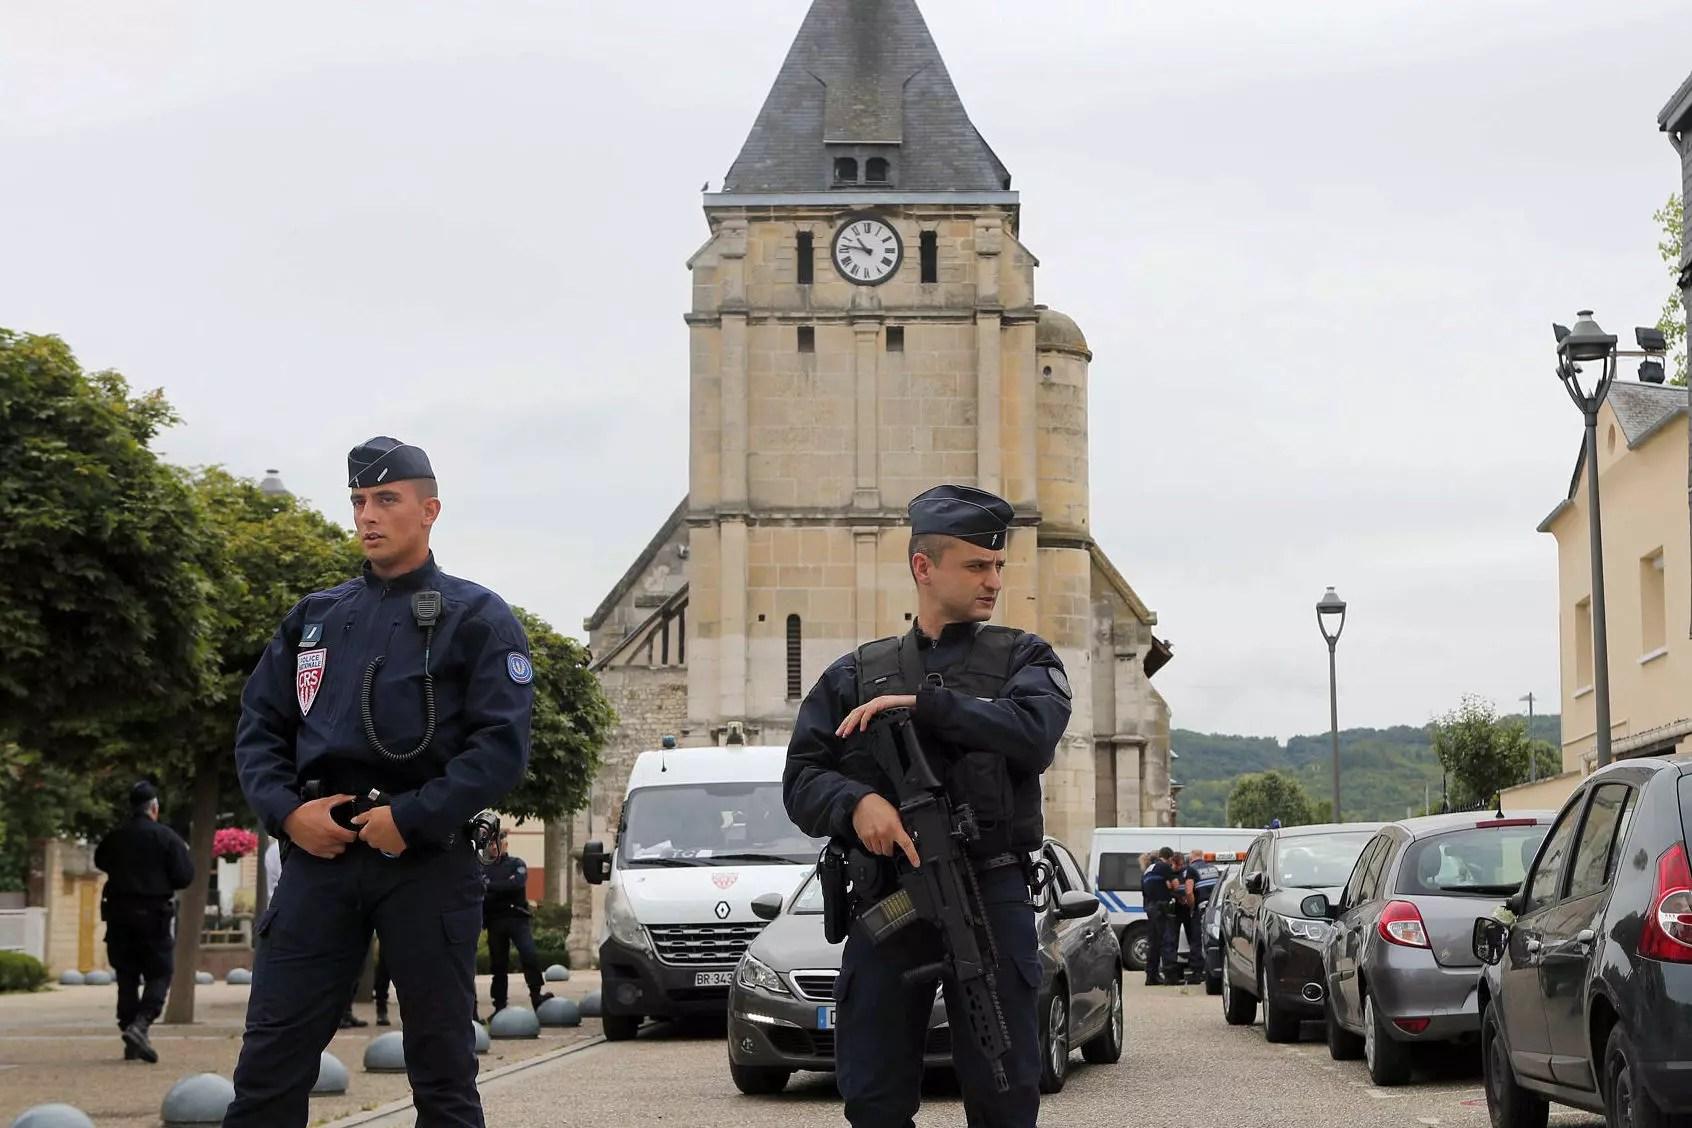 Abdel Malik P. et Adel Kermiche : les deux terroristes de Saint-Etienne-du-Rouvray auraient été identifiés